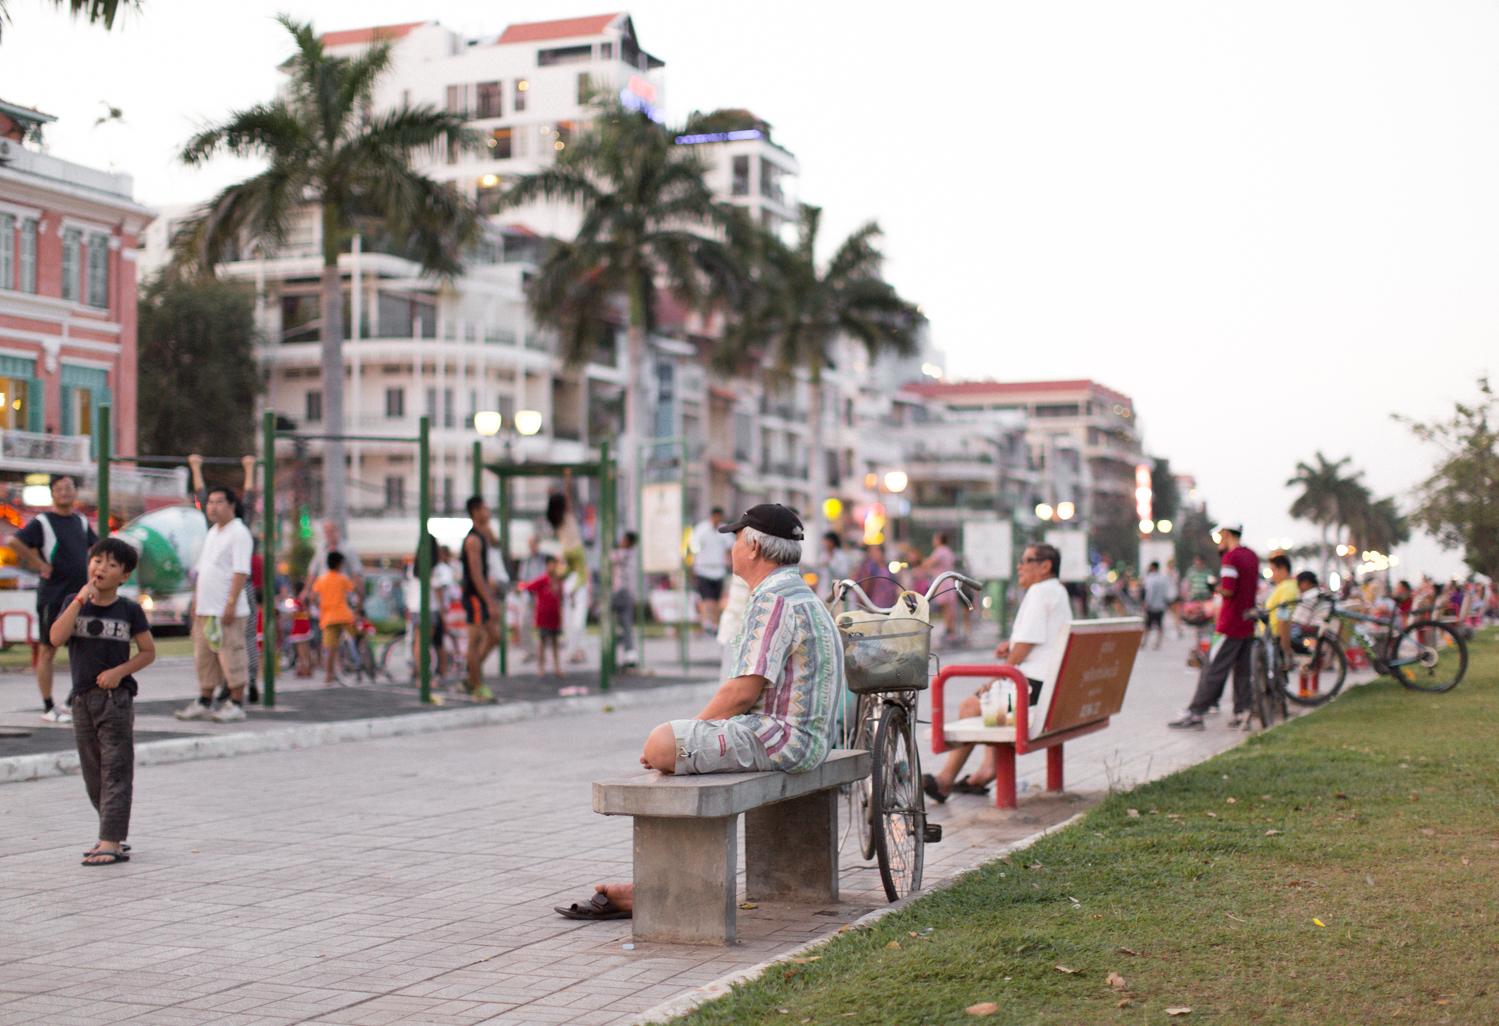 olivia_ashton_photography_cambodia_vietnam-1-94.jpg